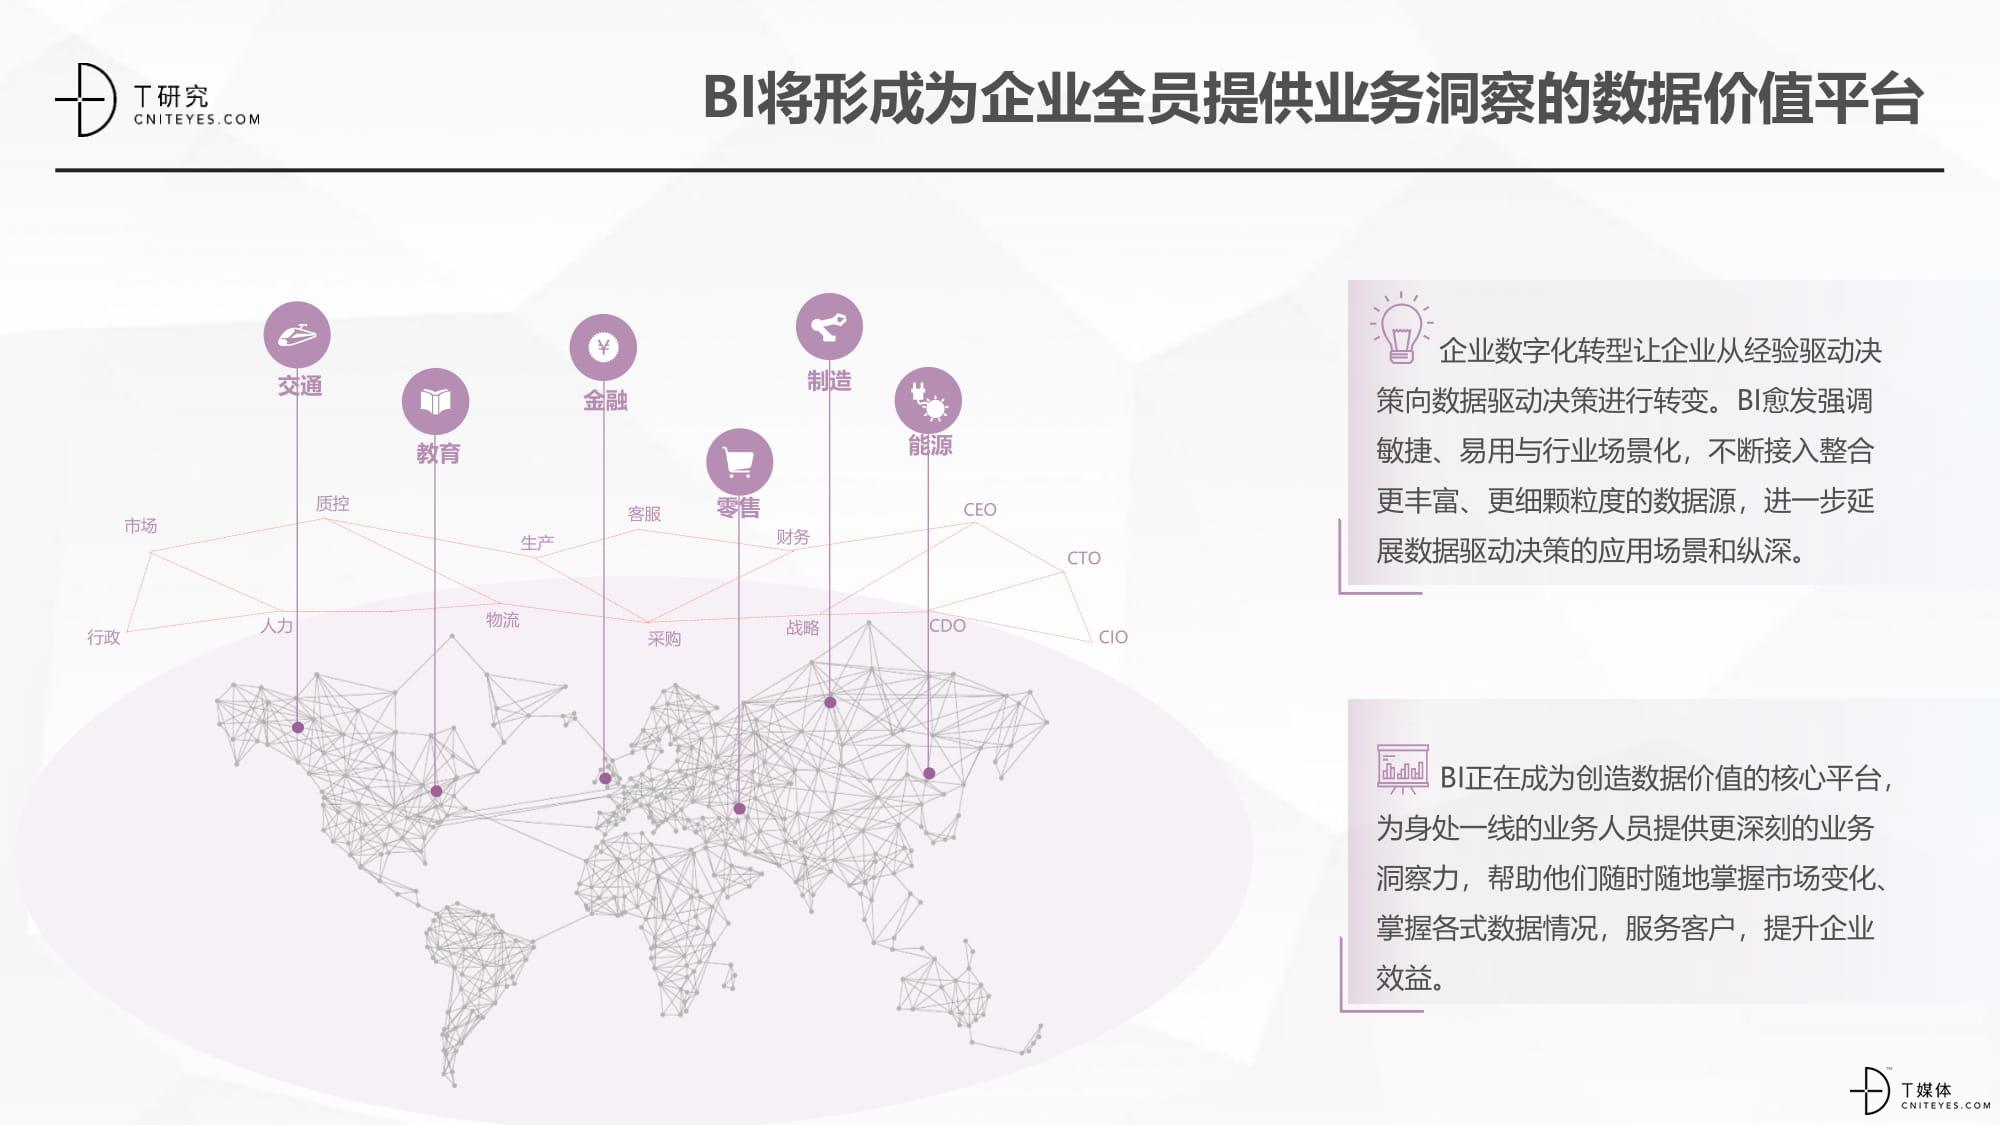 2020中国BI指数测评报告-39.jpg